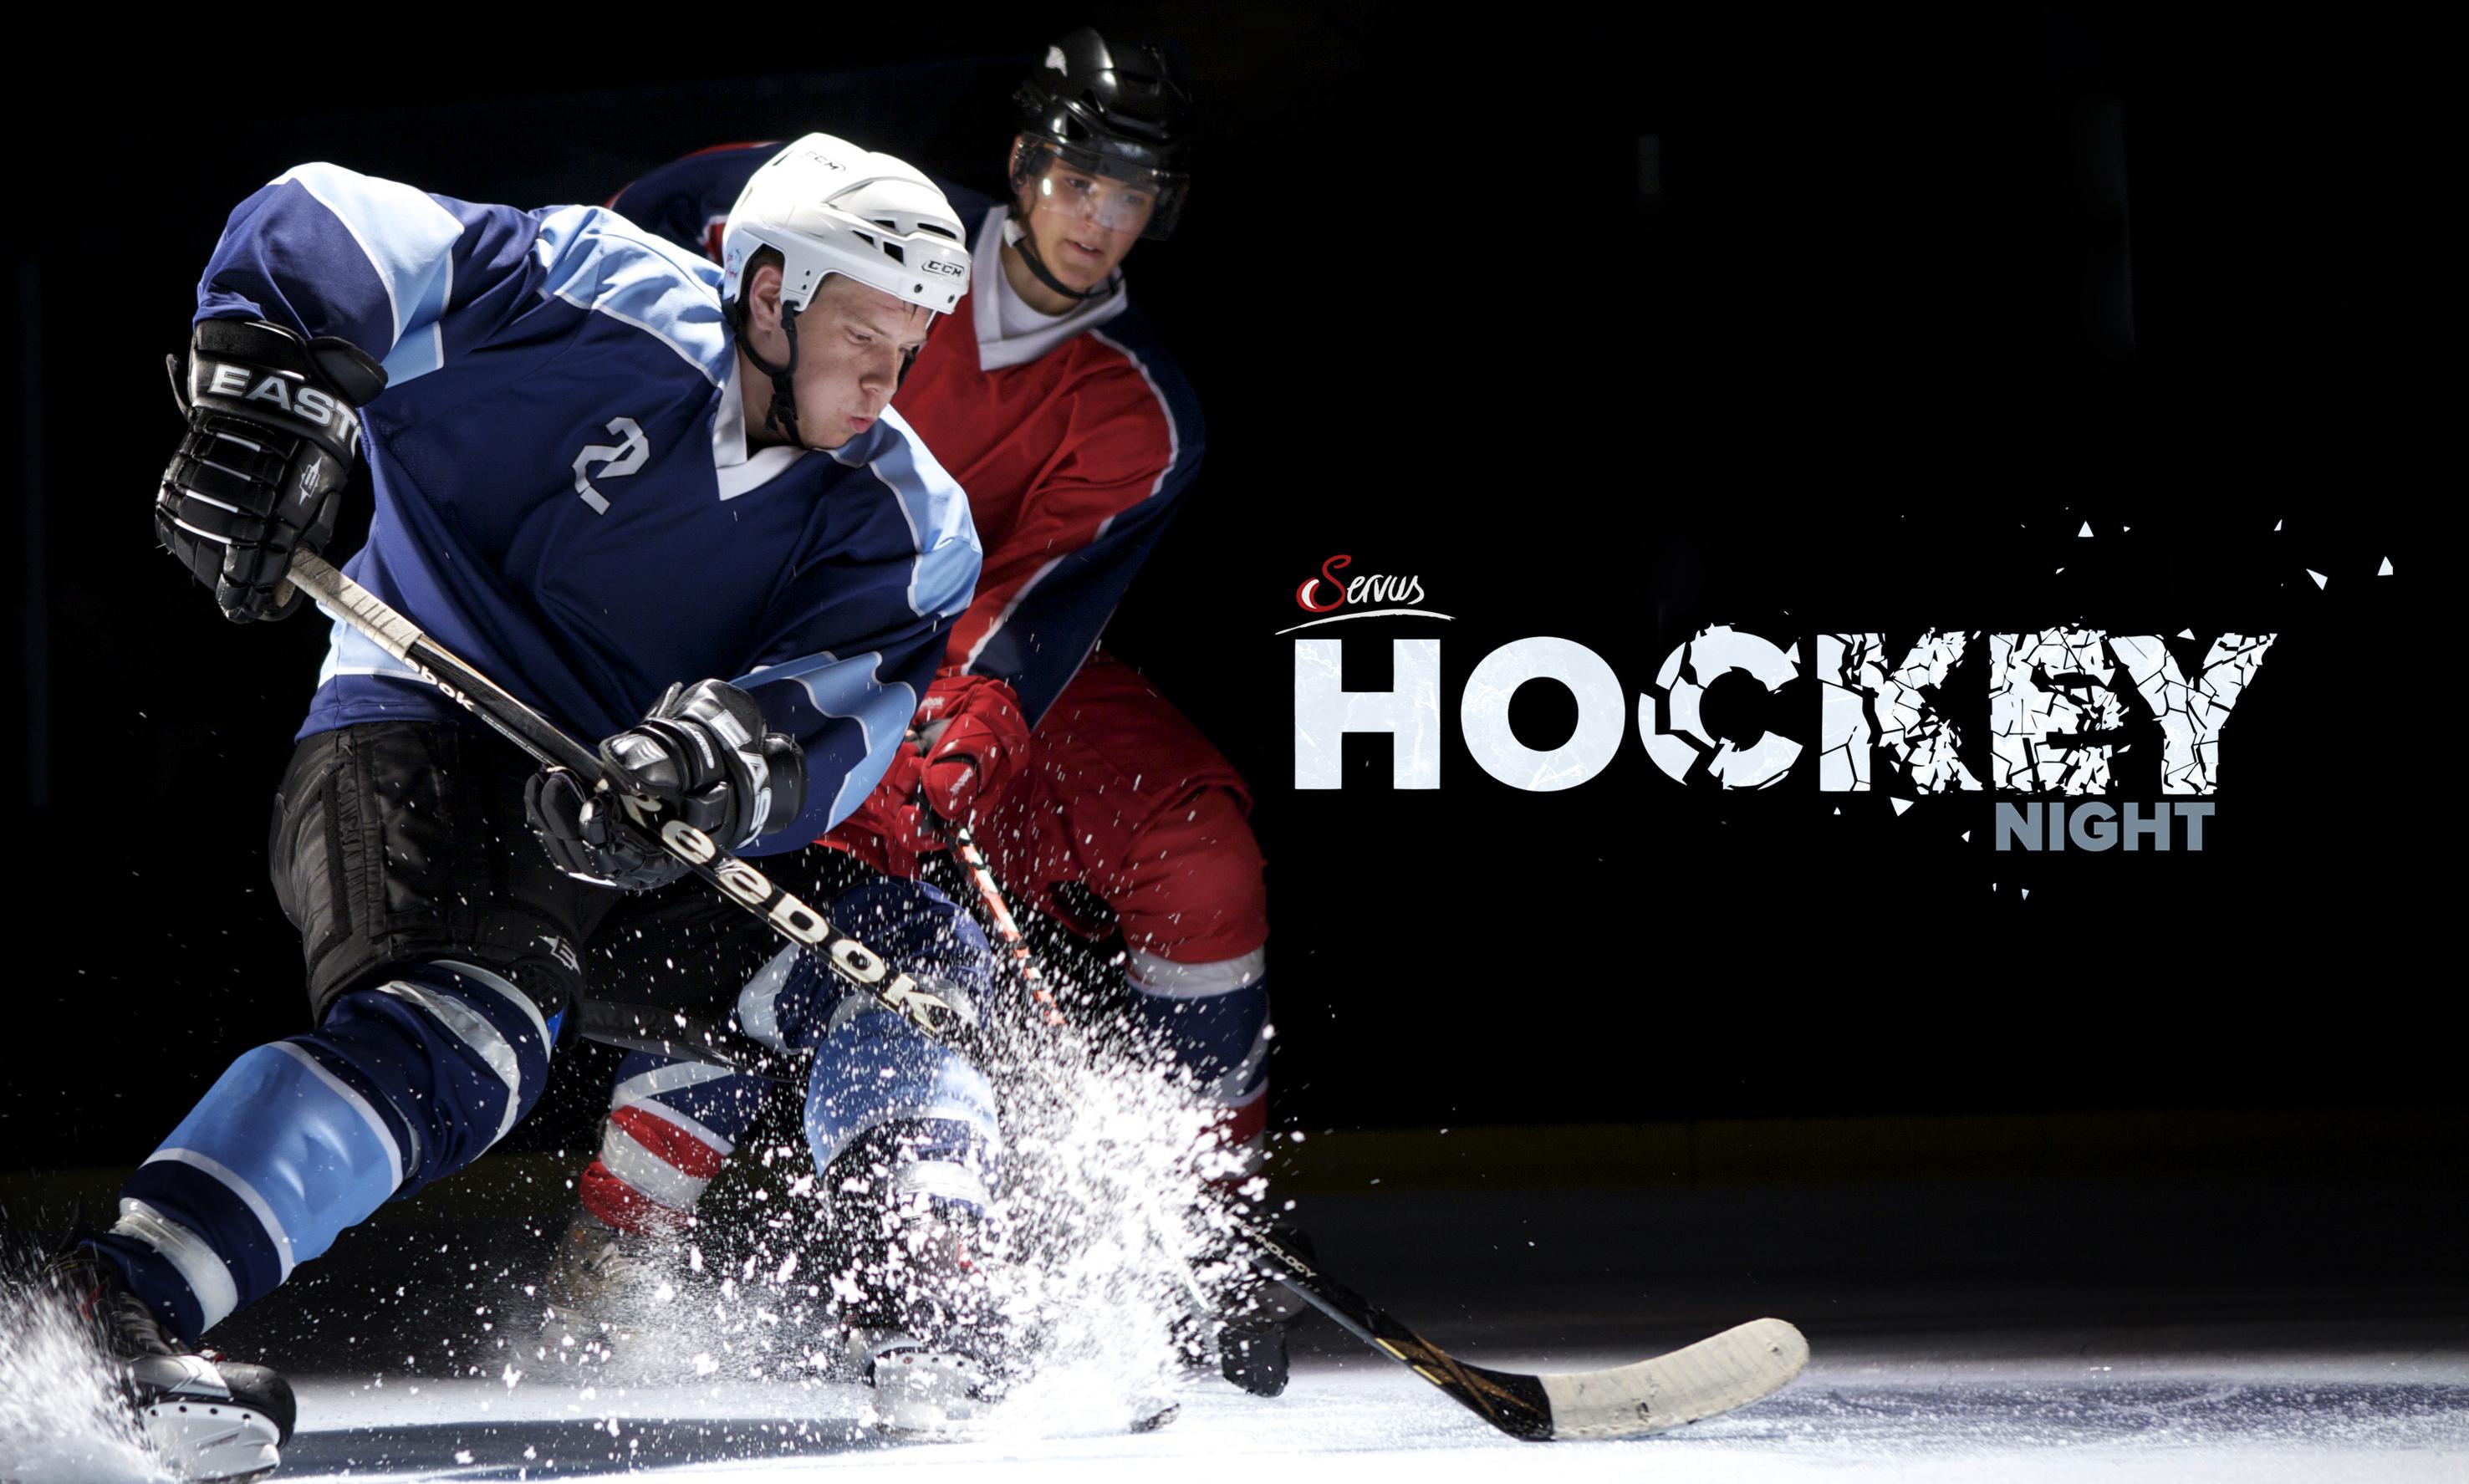 hockeynight - Servus TV